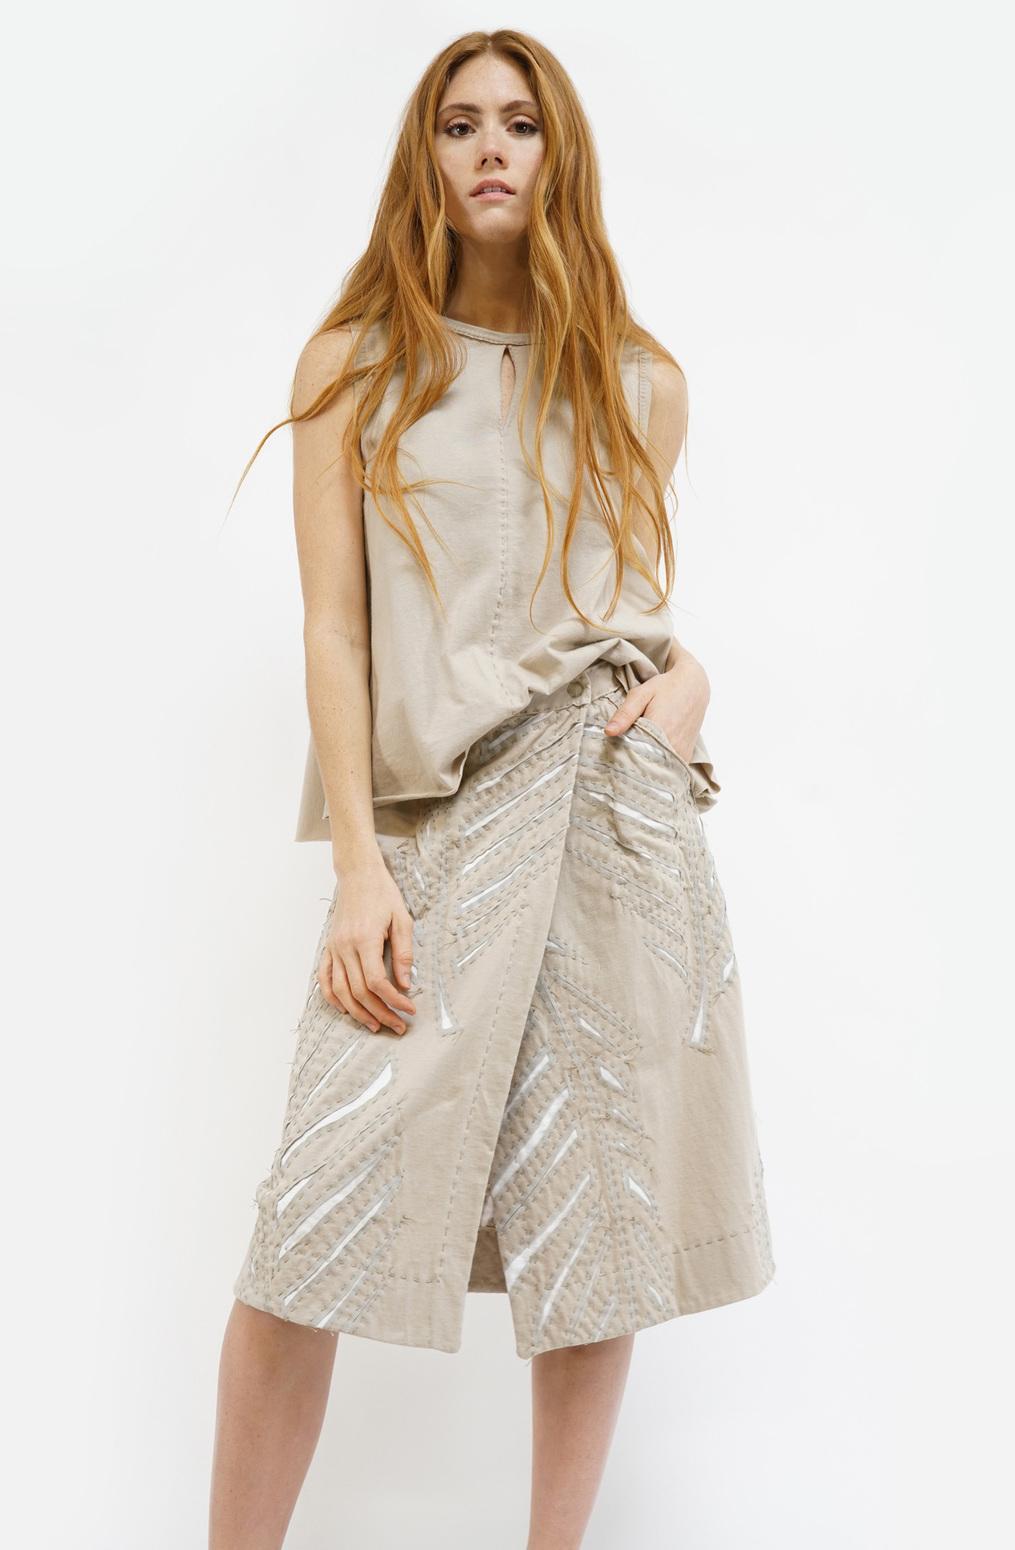 Alabama chanin wrap palm skirt3